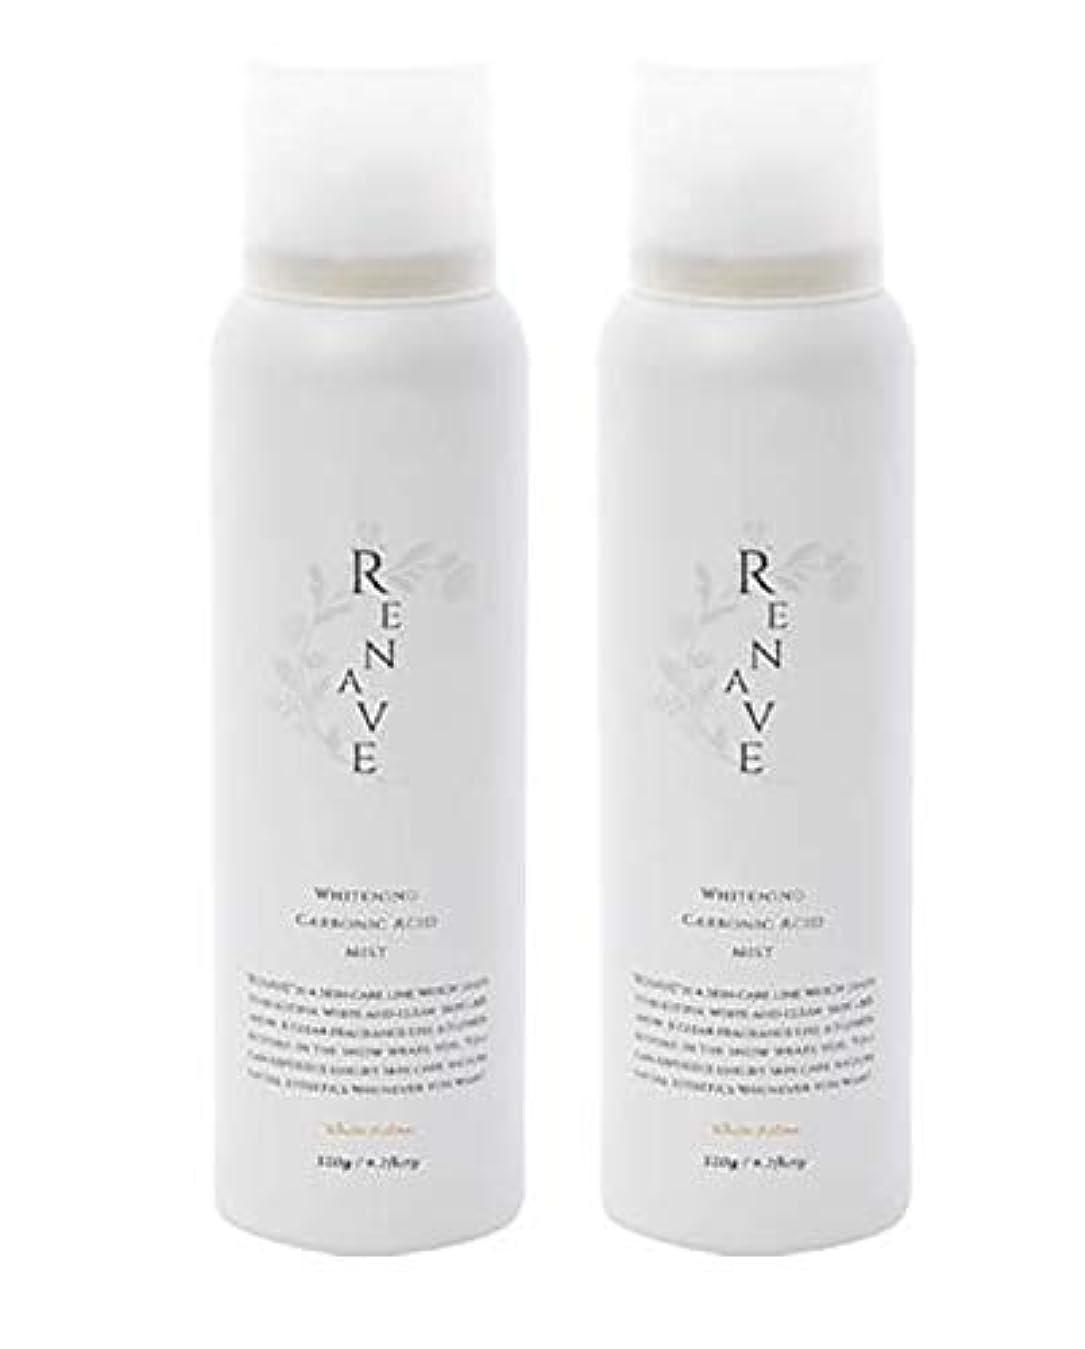 マナー鷹反射RENAVE(リネーヴェ) 高濃度炭酸ミスト 薬用美白化粧水 120ml 2本セット